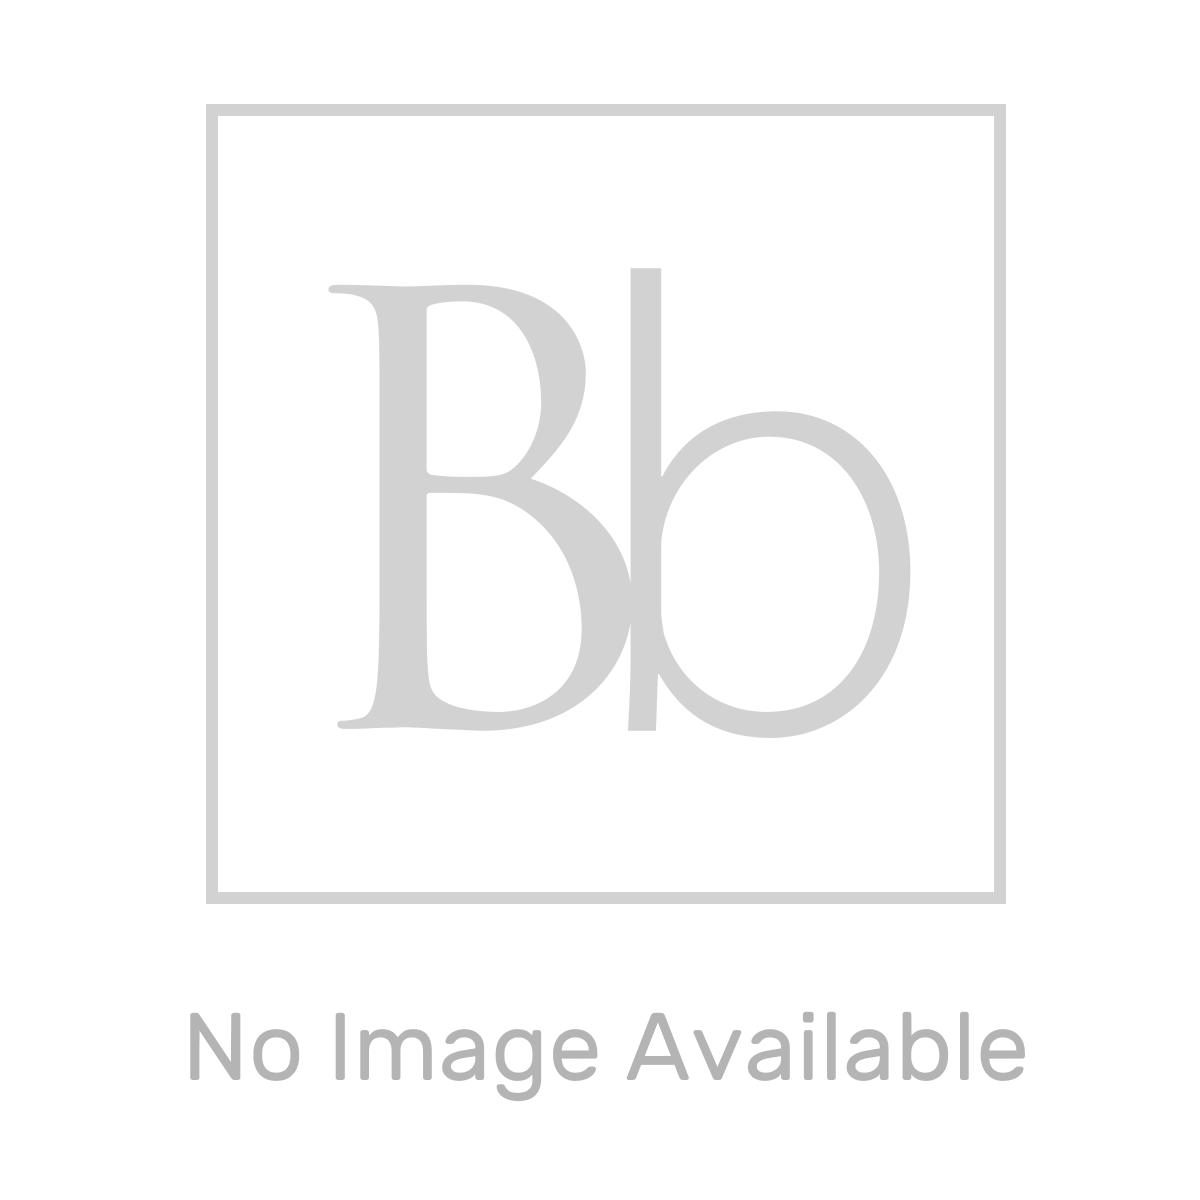 Homelux Aluminium Straight Edge 12.5mm Silver Tile Trim 2.5m